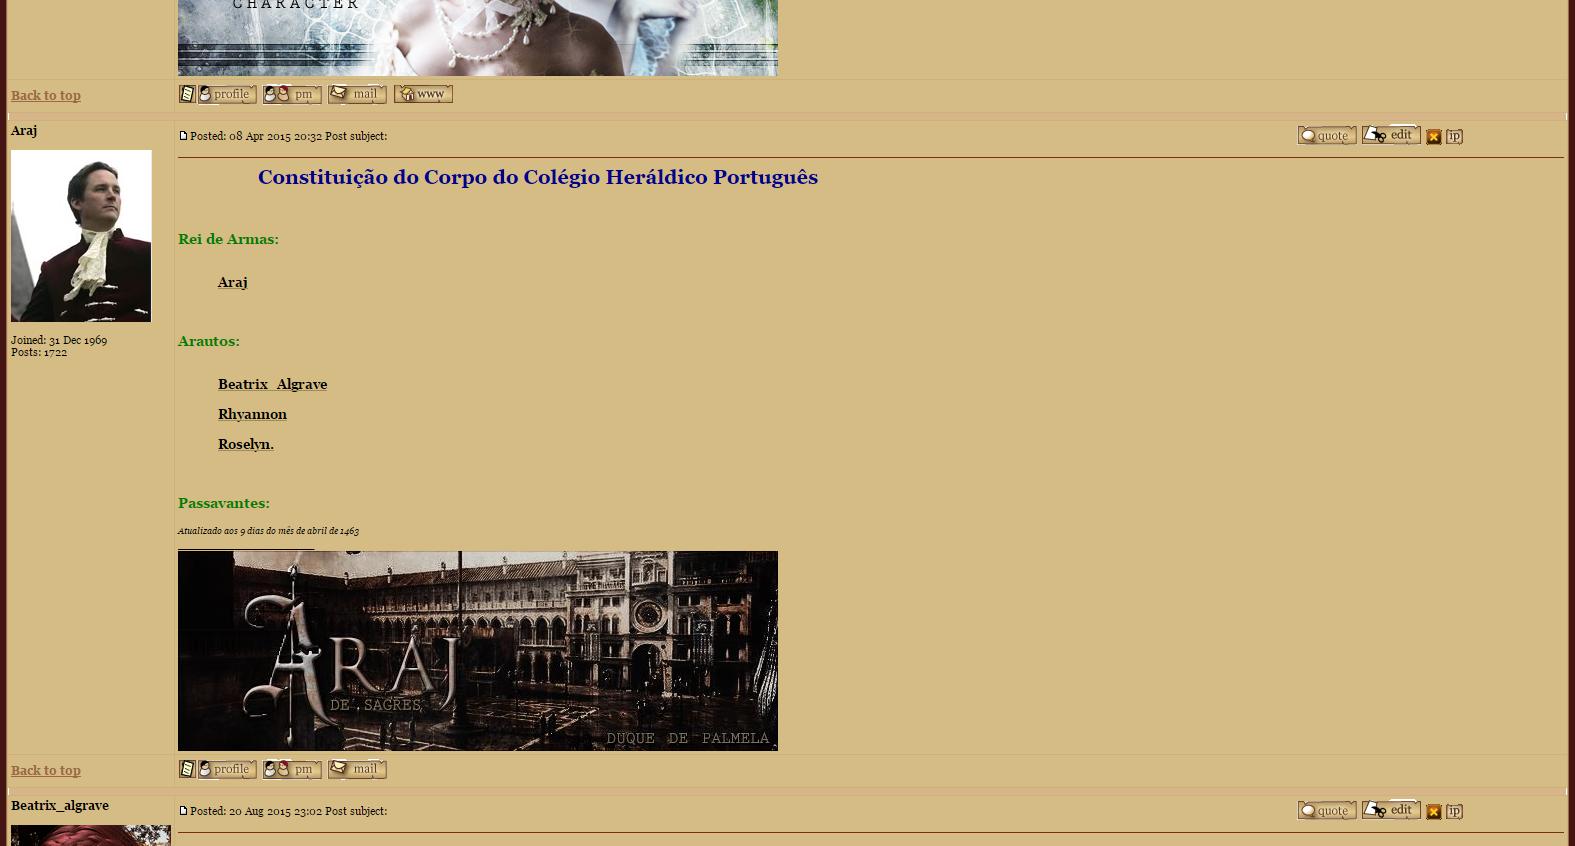 Integrada ao Corpo do Colégio Heráldico